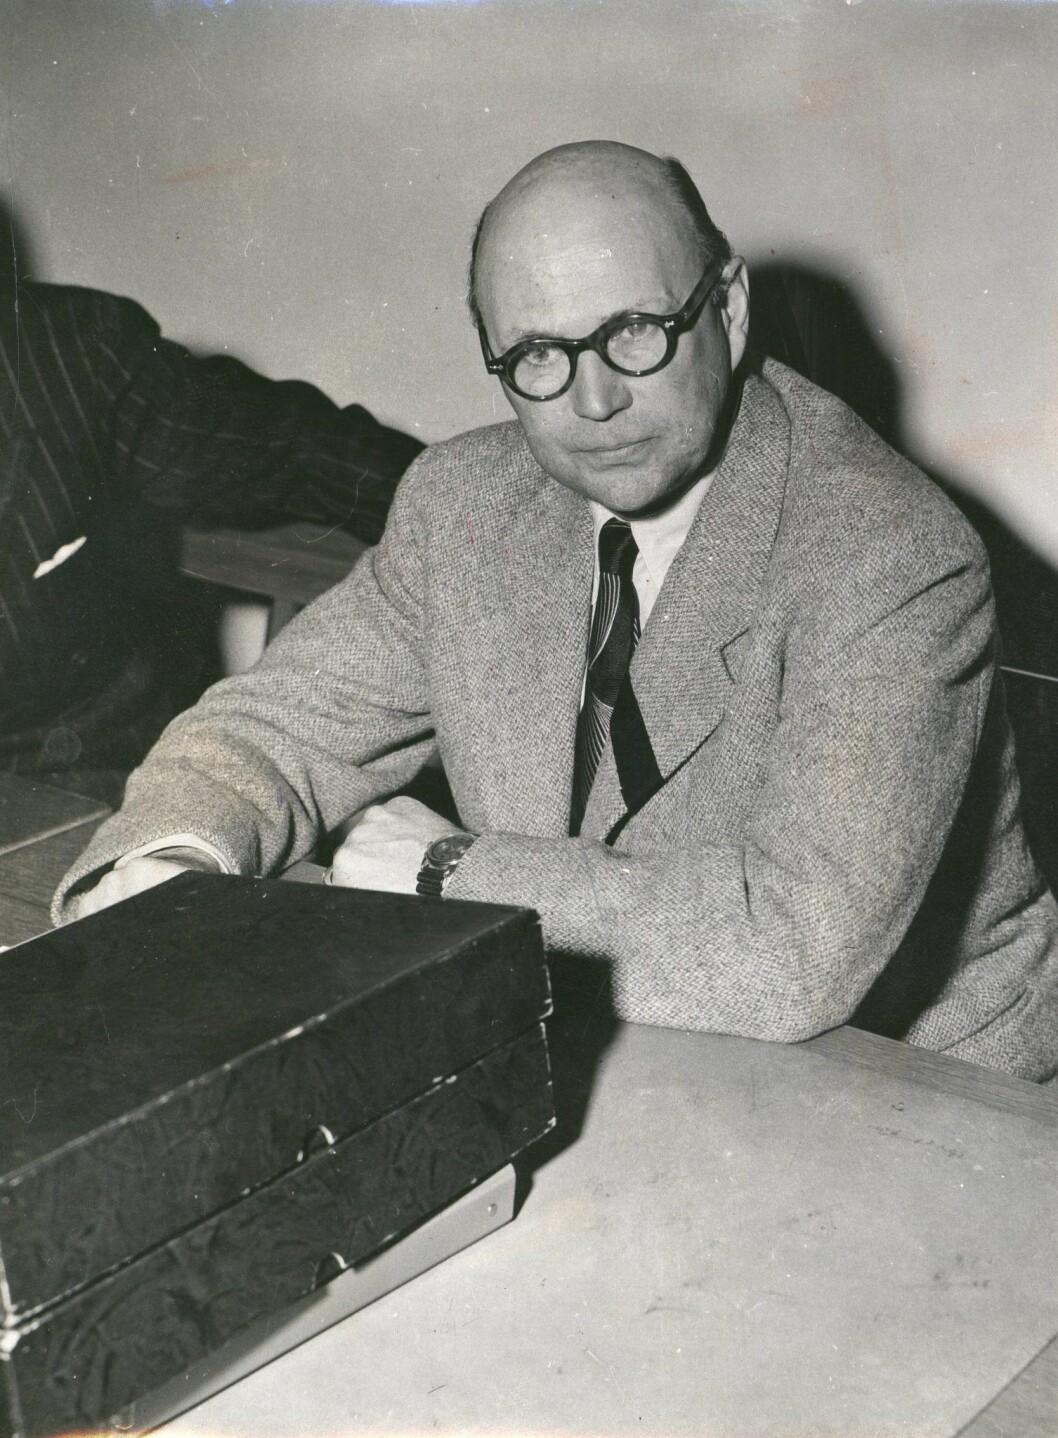 Kurt Hailby